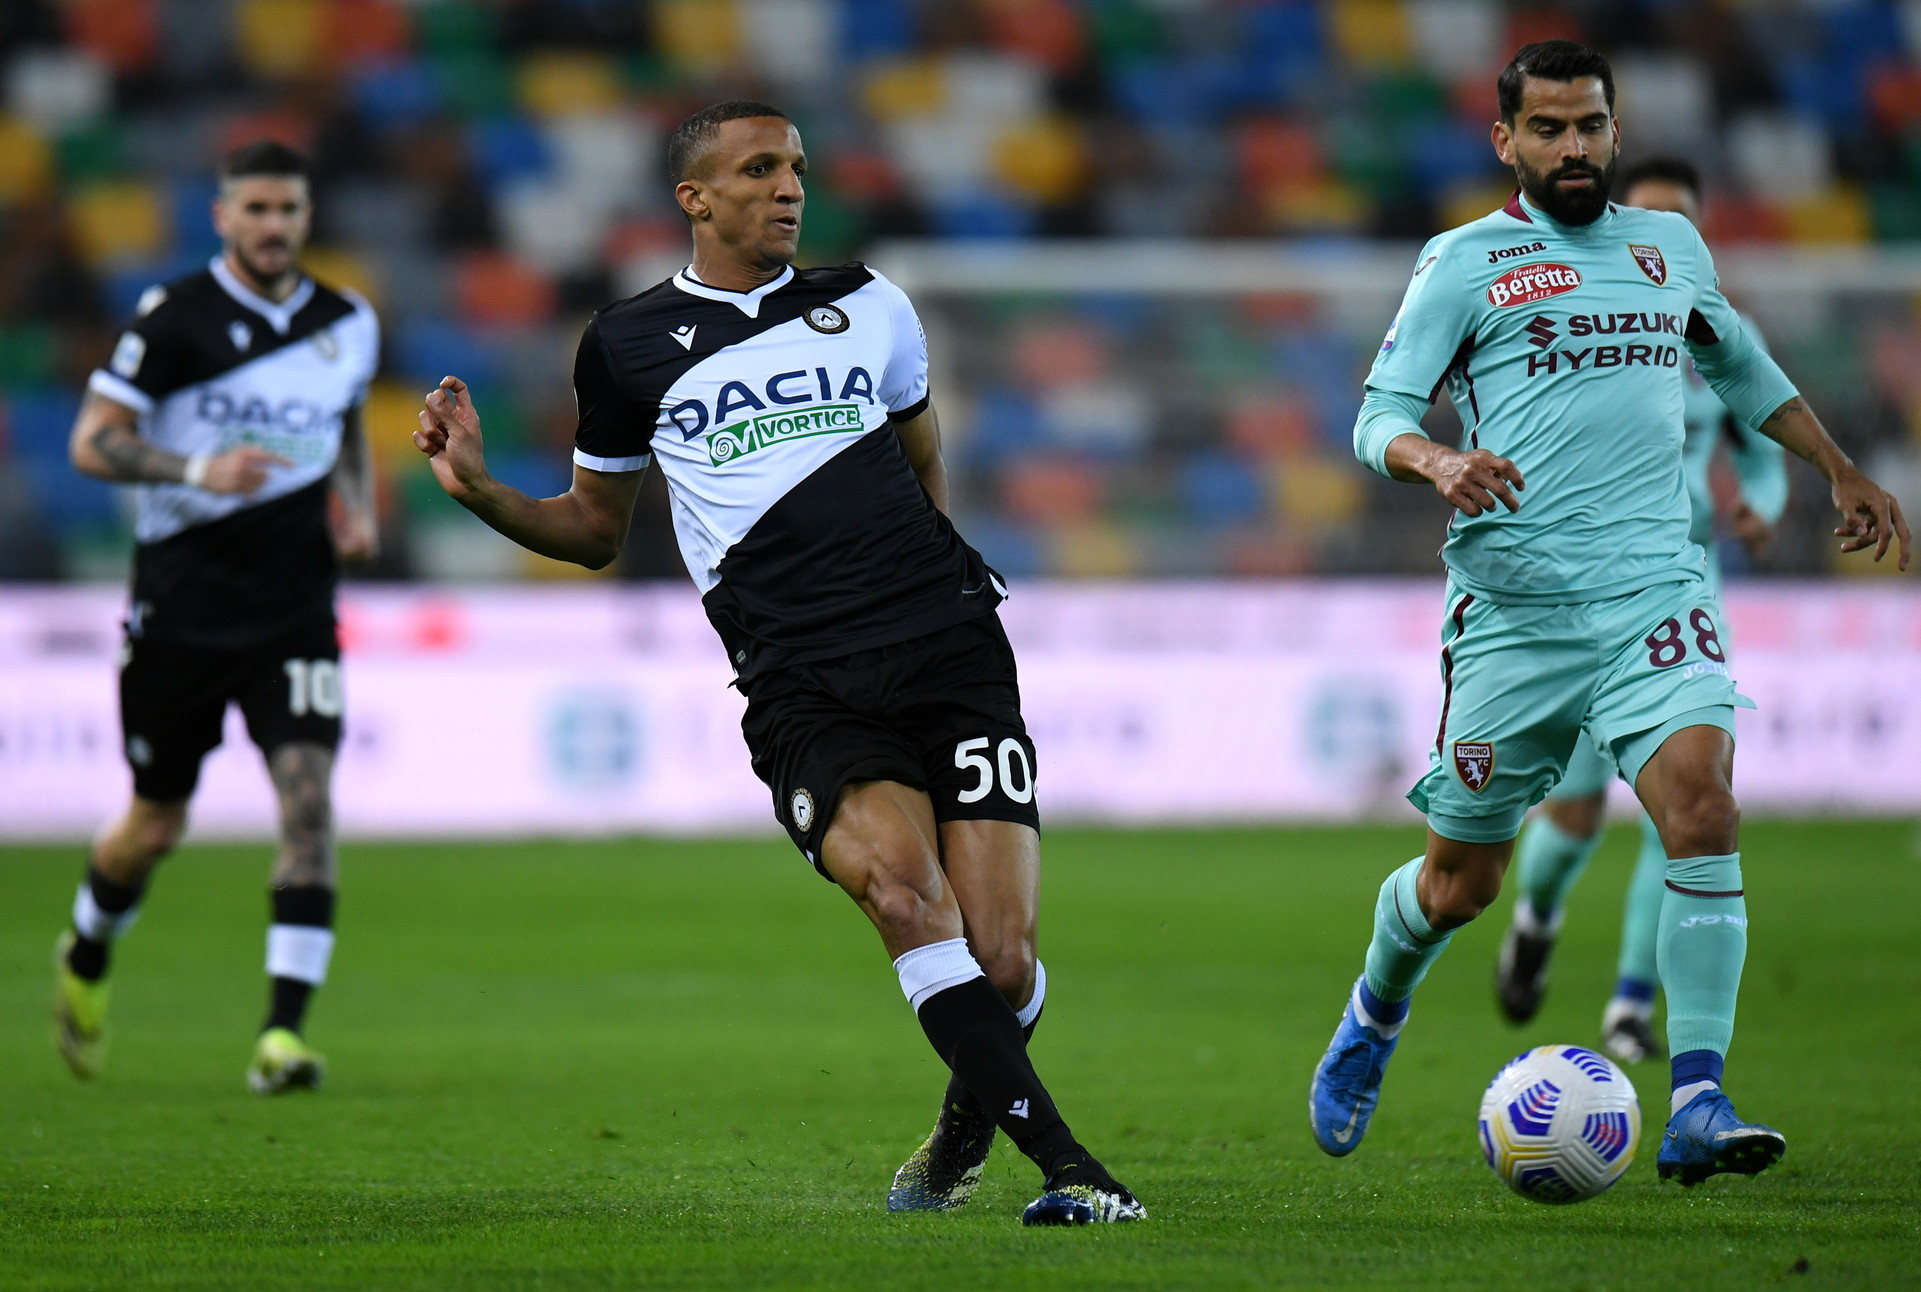 Udinese-Torino 0-1, le migliori immagini della partita<br /><br />